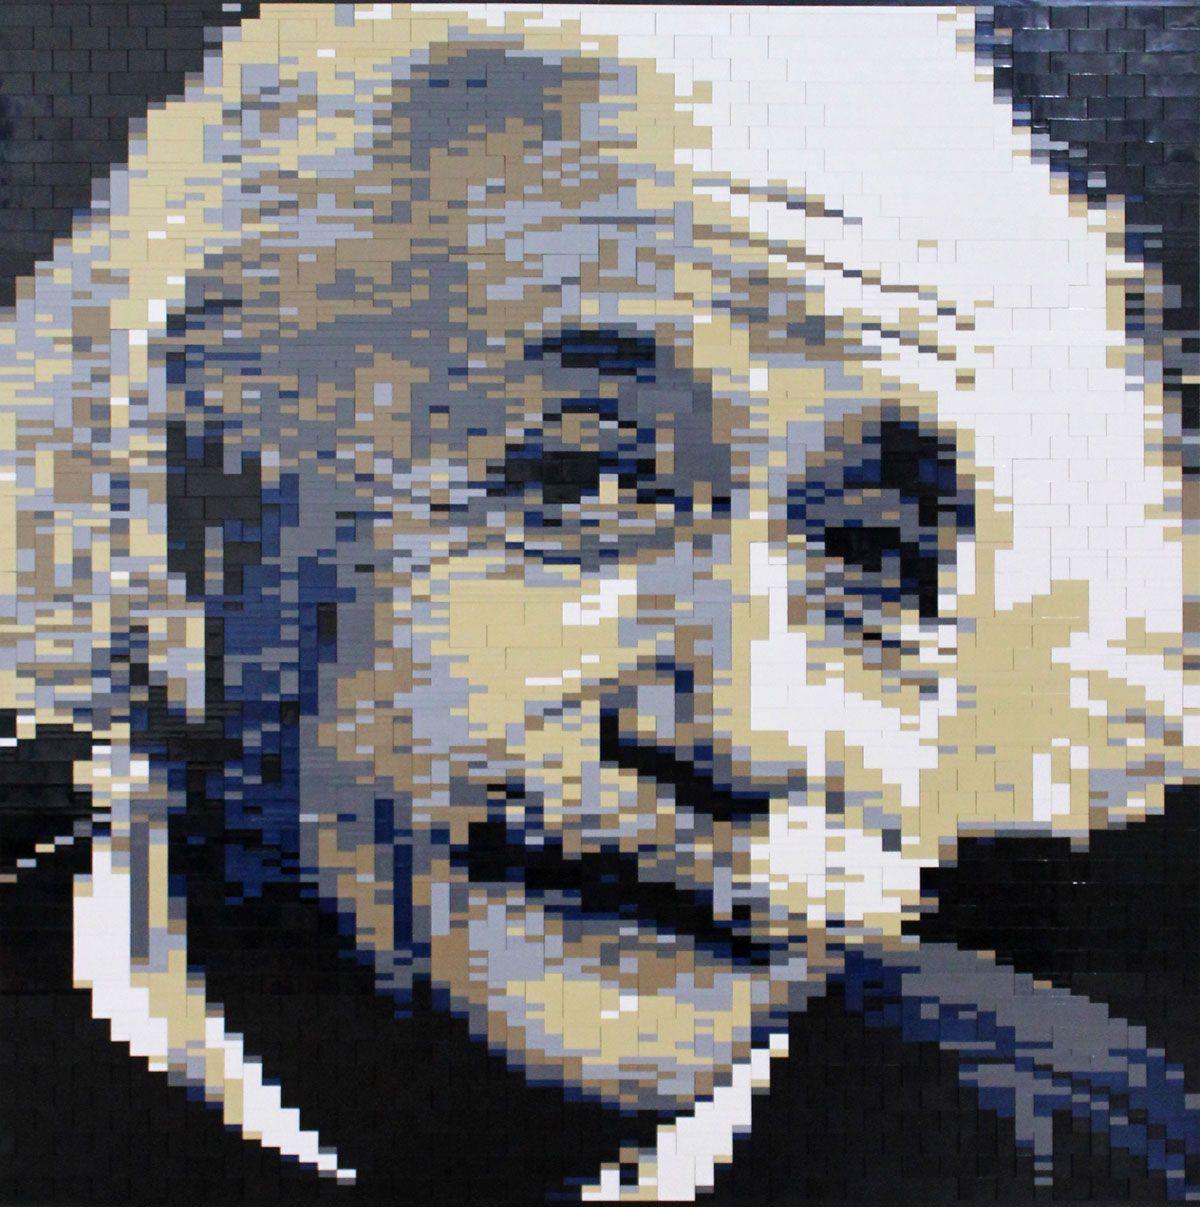 Einstein Lego Mosaic